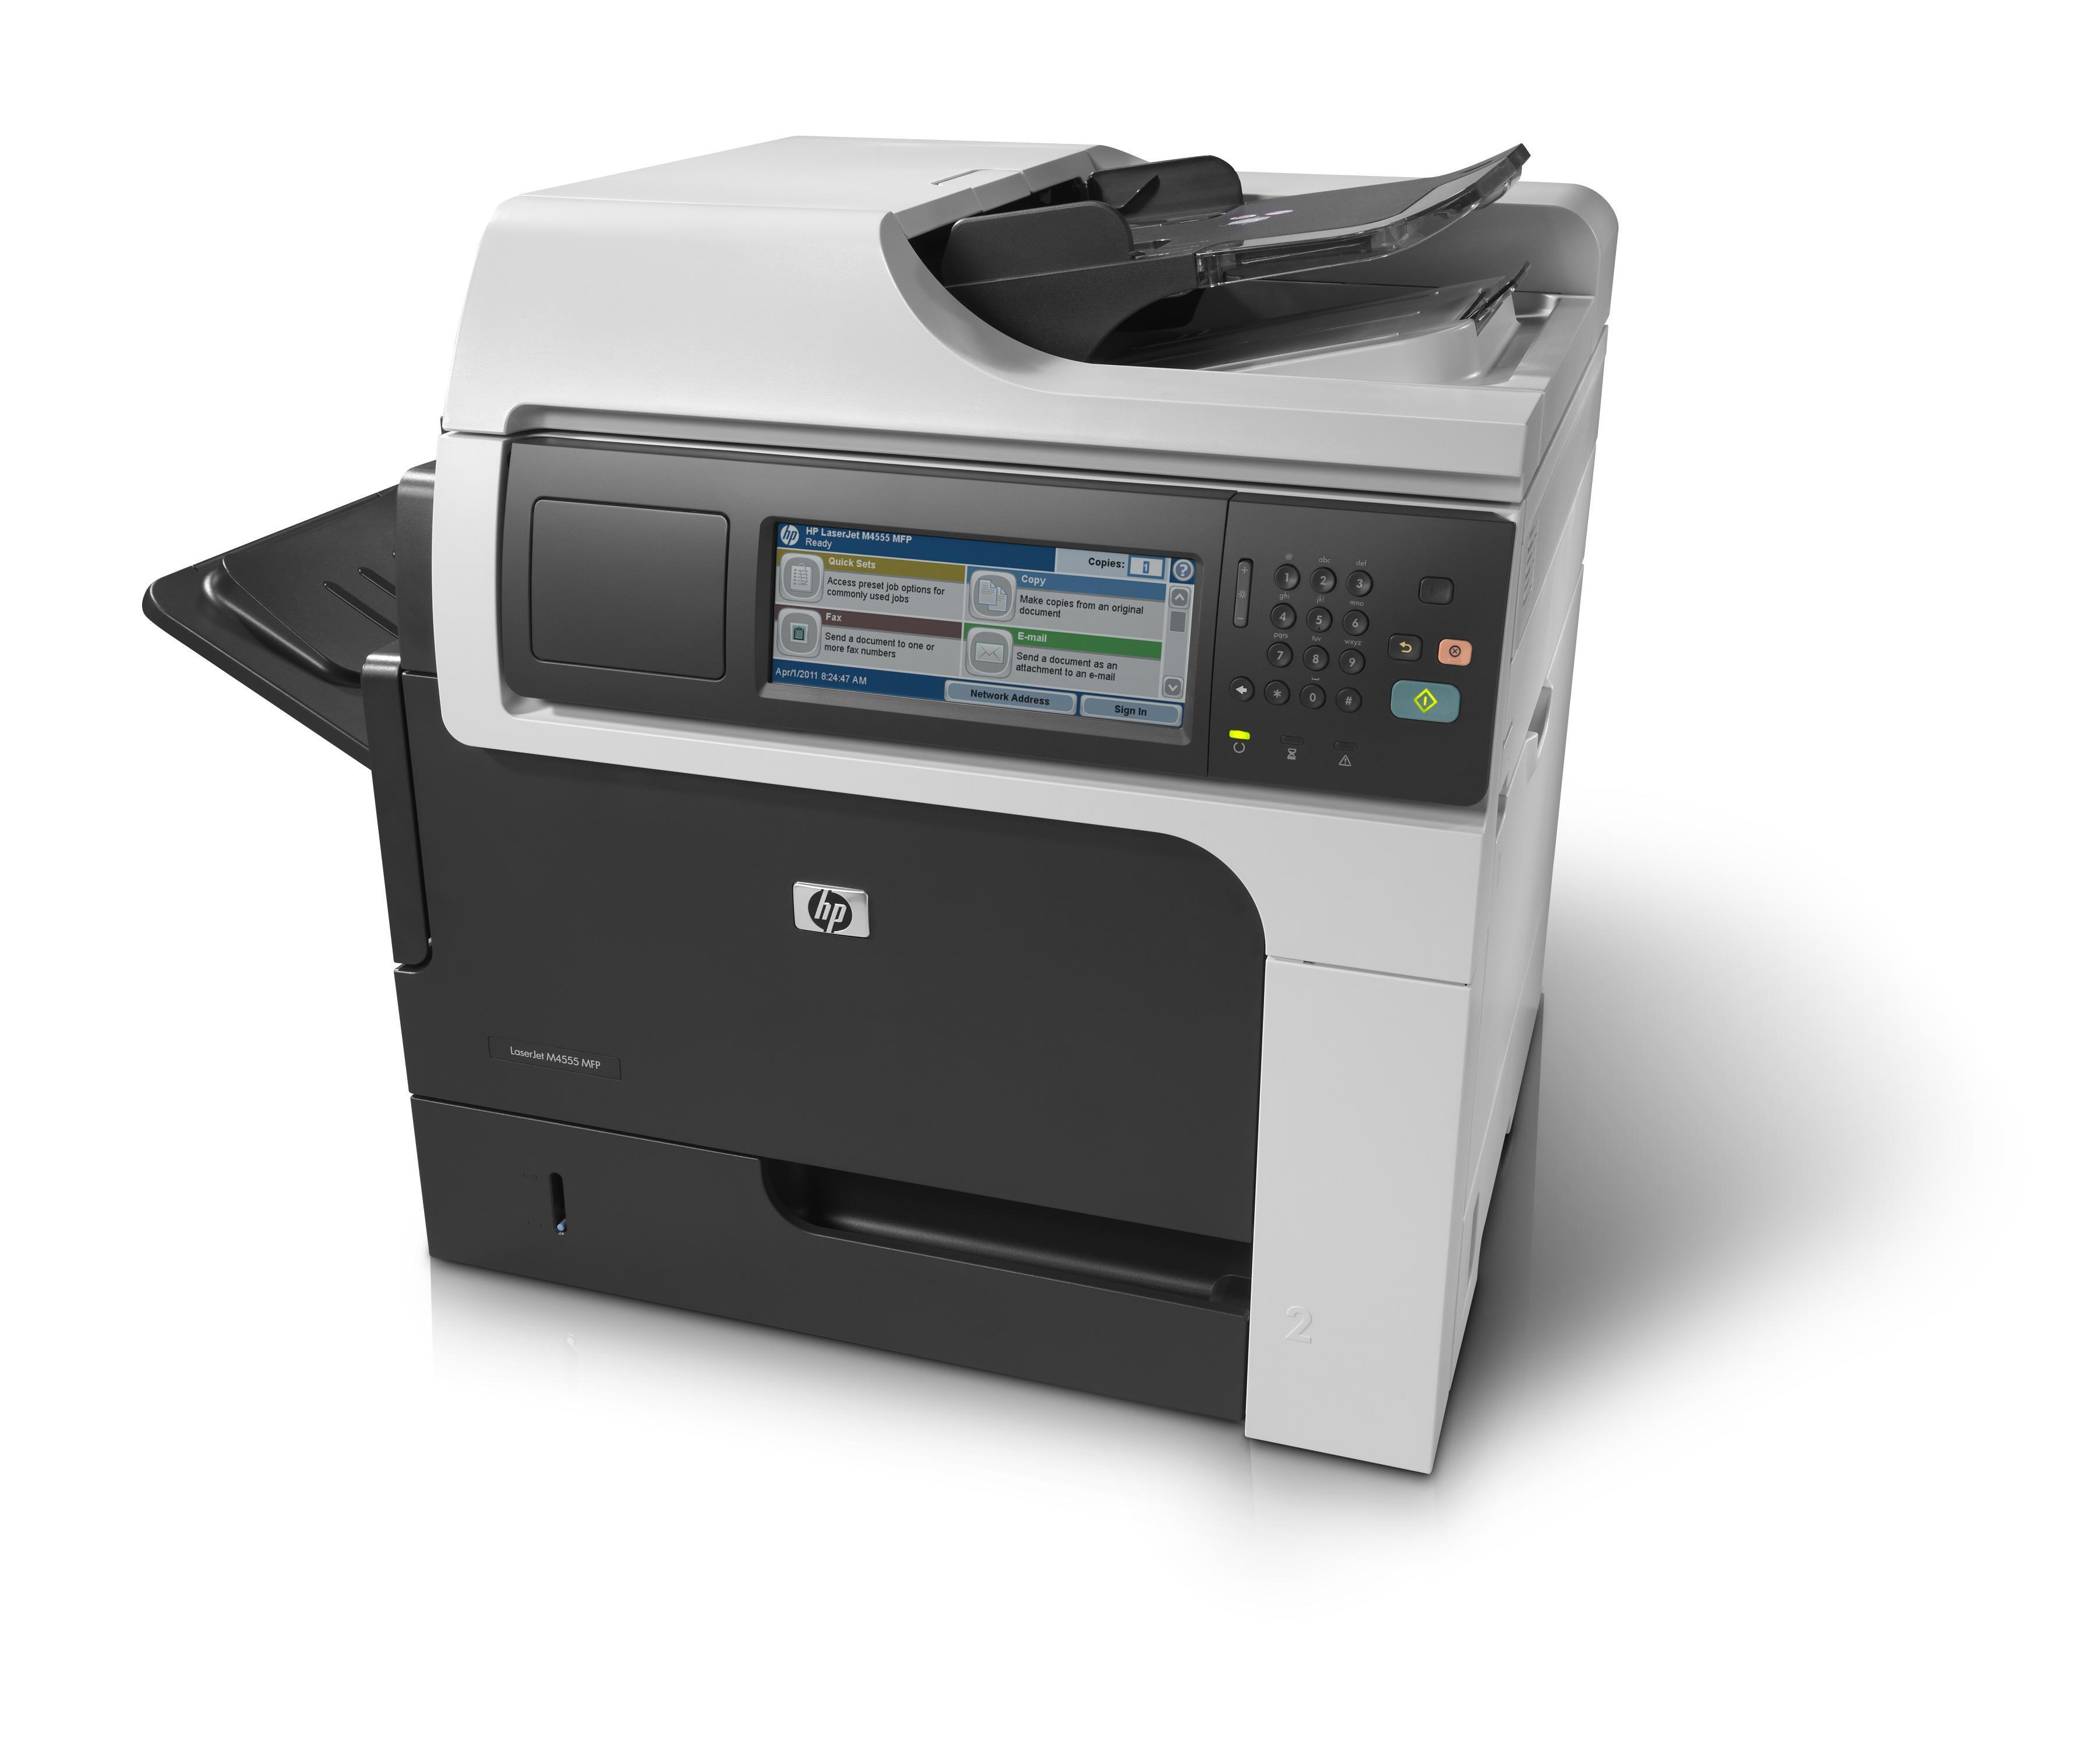 Laserjet M4555 MFP